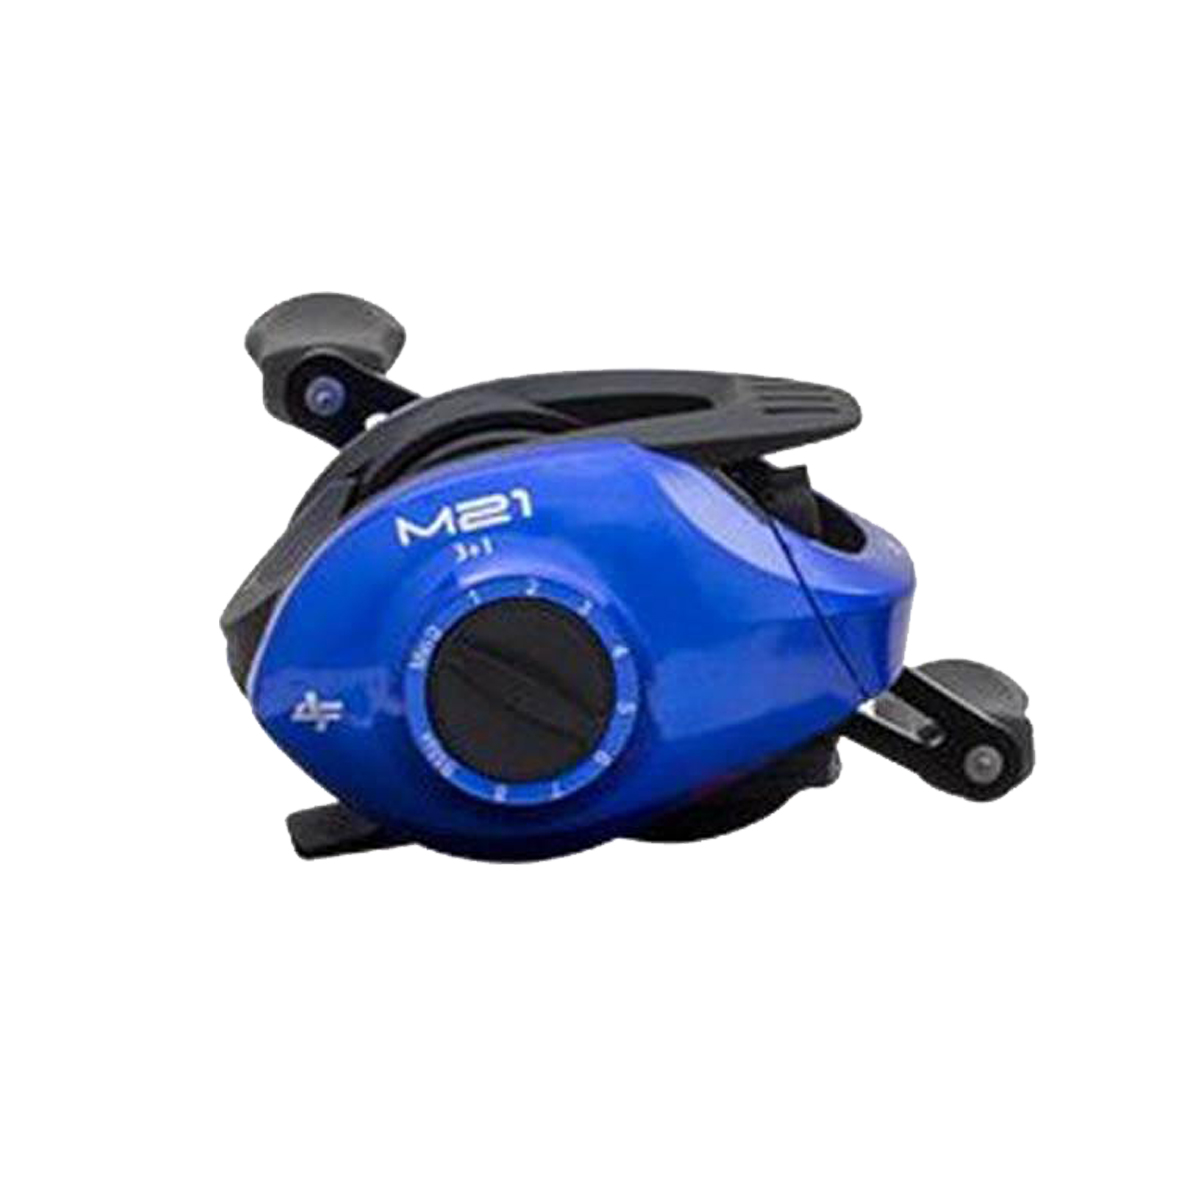 Carretilha Abatroz M 21 Azul (Direita )  - Pró Pesca Shop